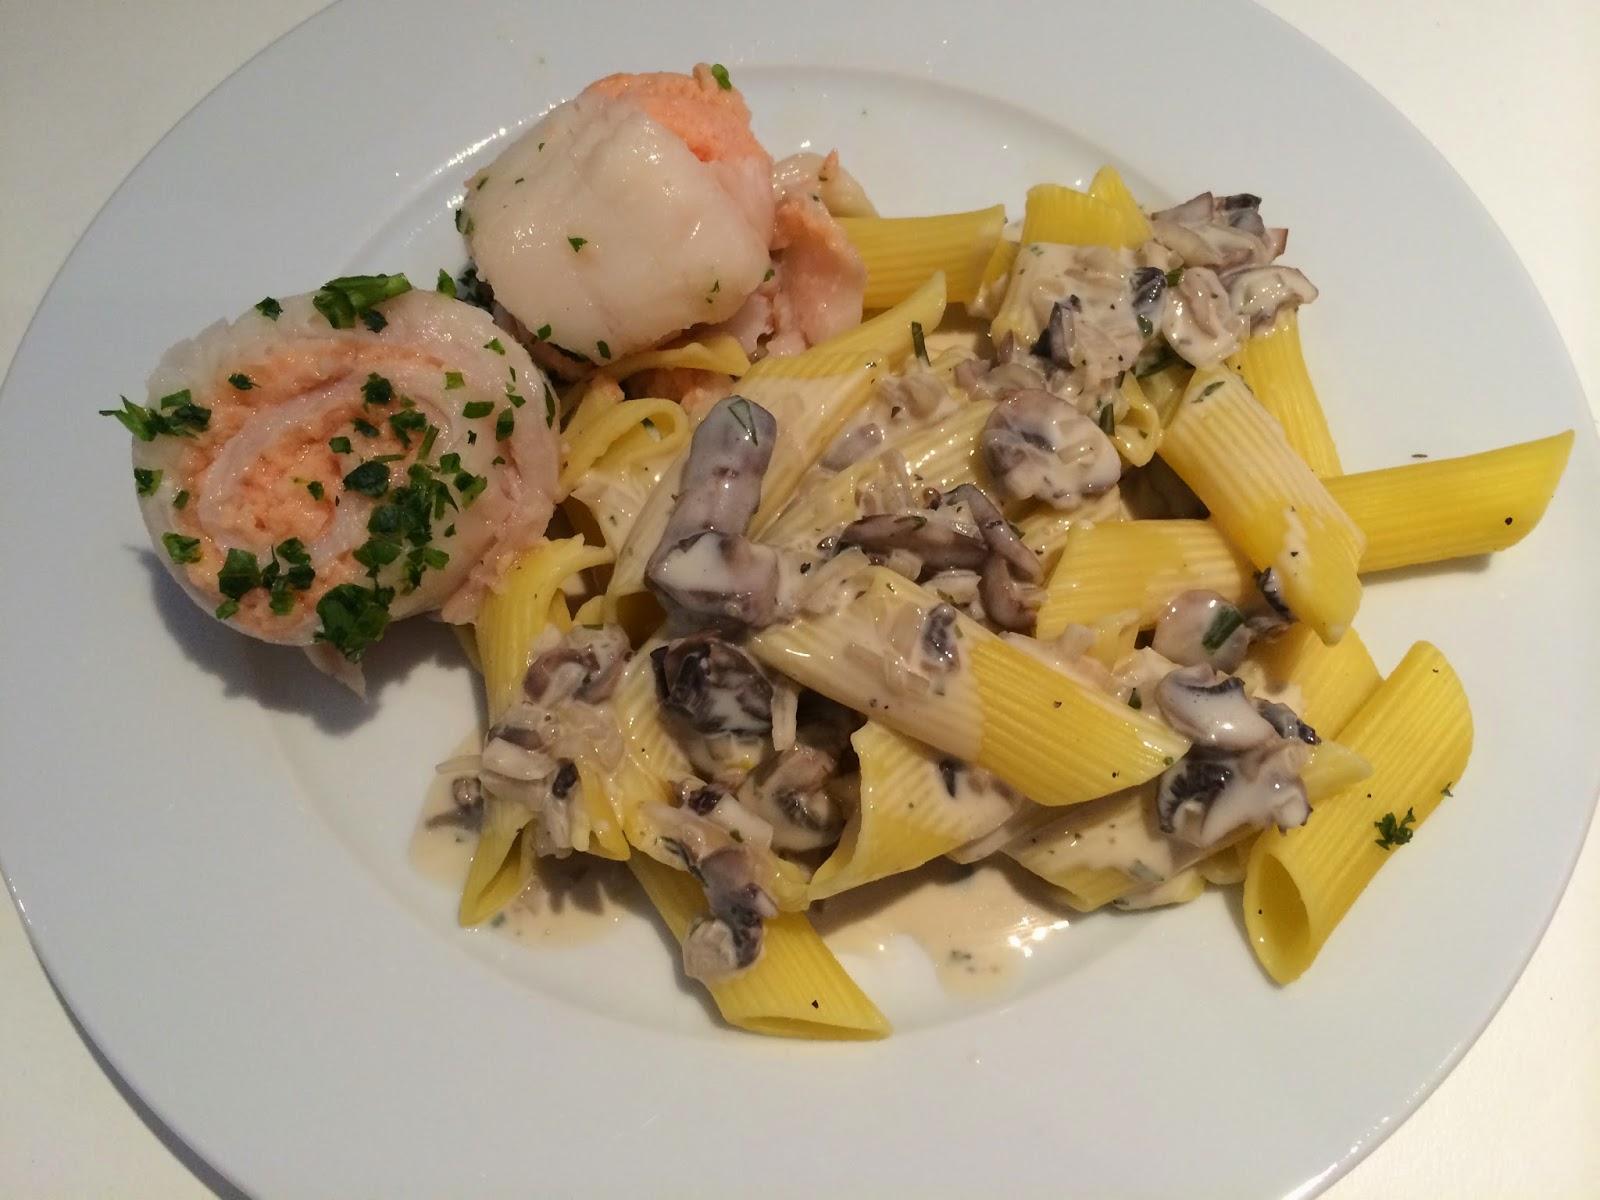 Rondelle D Oignon Sous Le Pied jeanne-marie b / frenchy love food